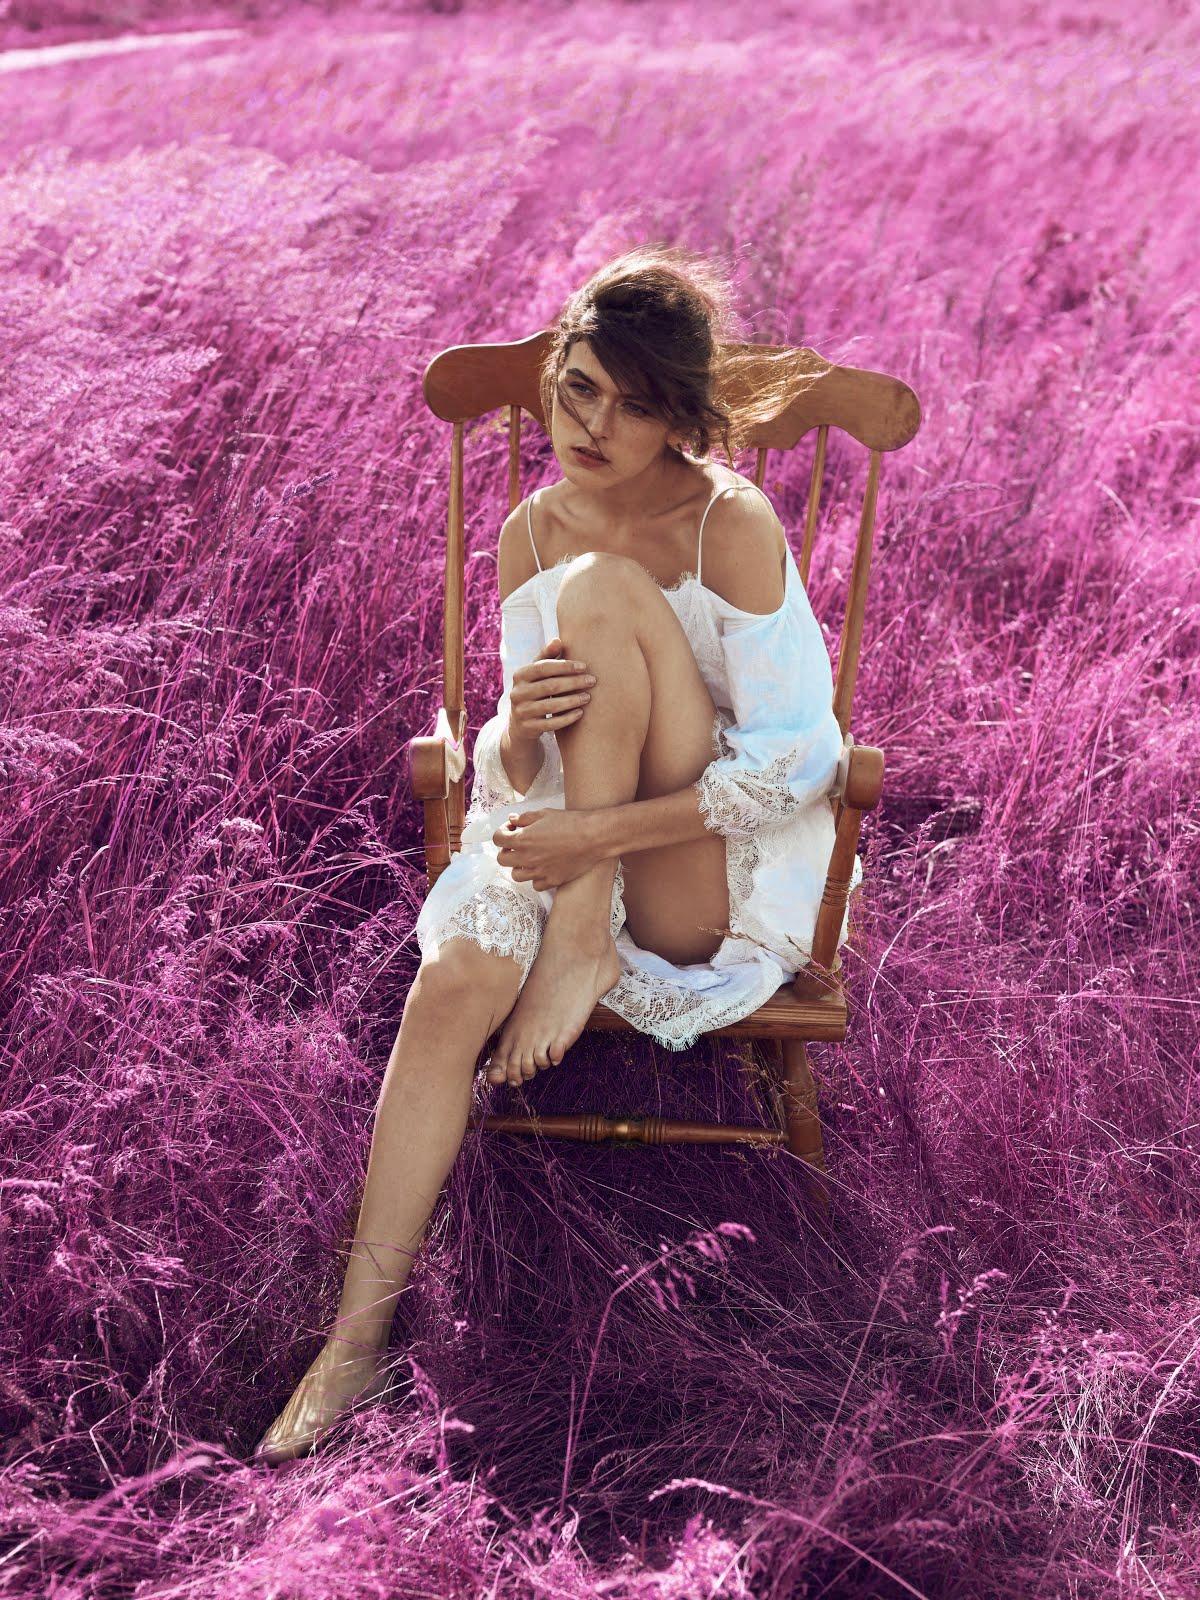 Модель в поле, модель на стуле, съемка в поле, шоу рум ред, шоу-рум red